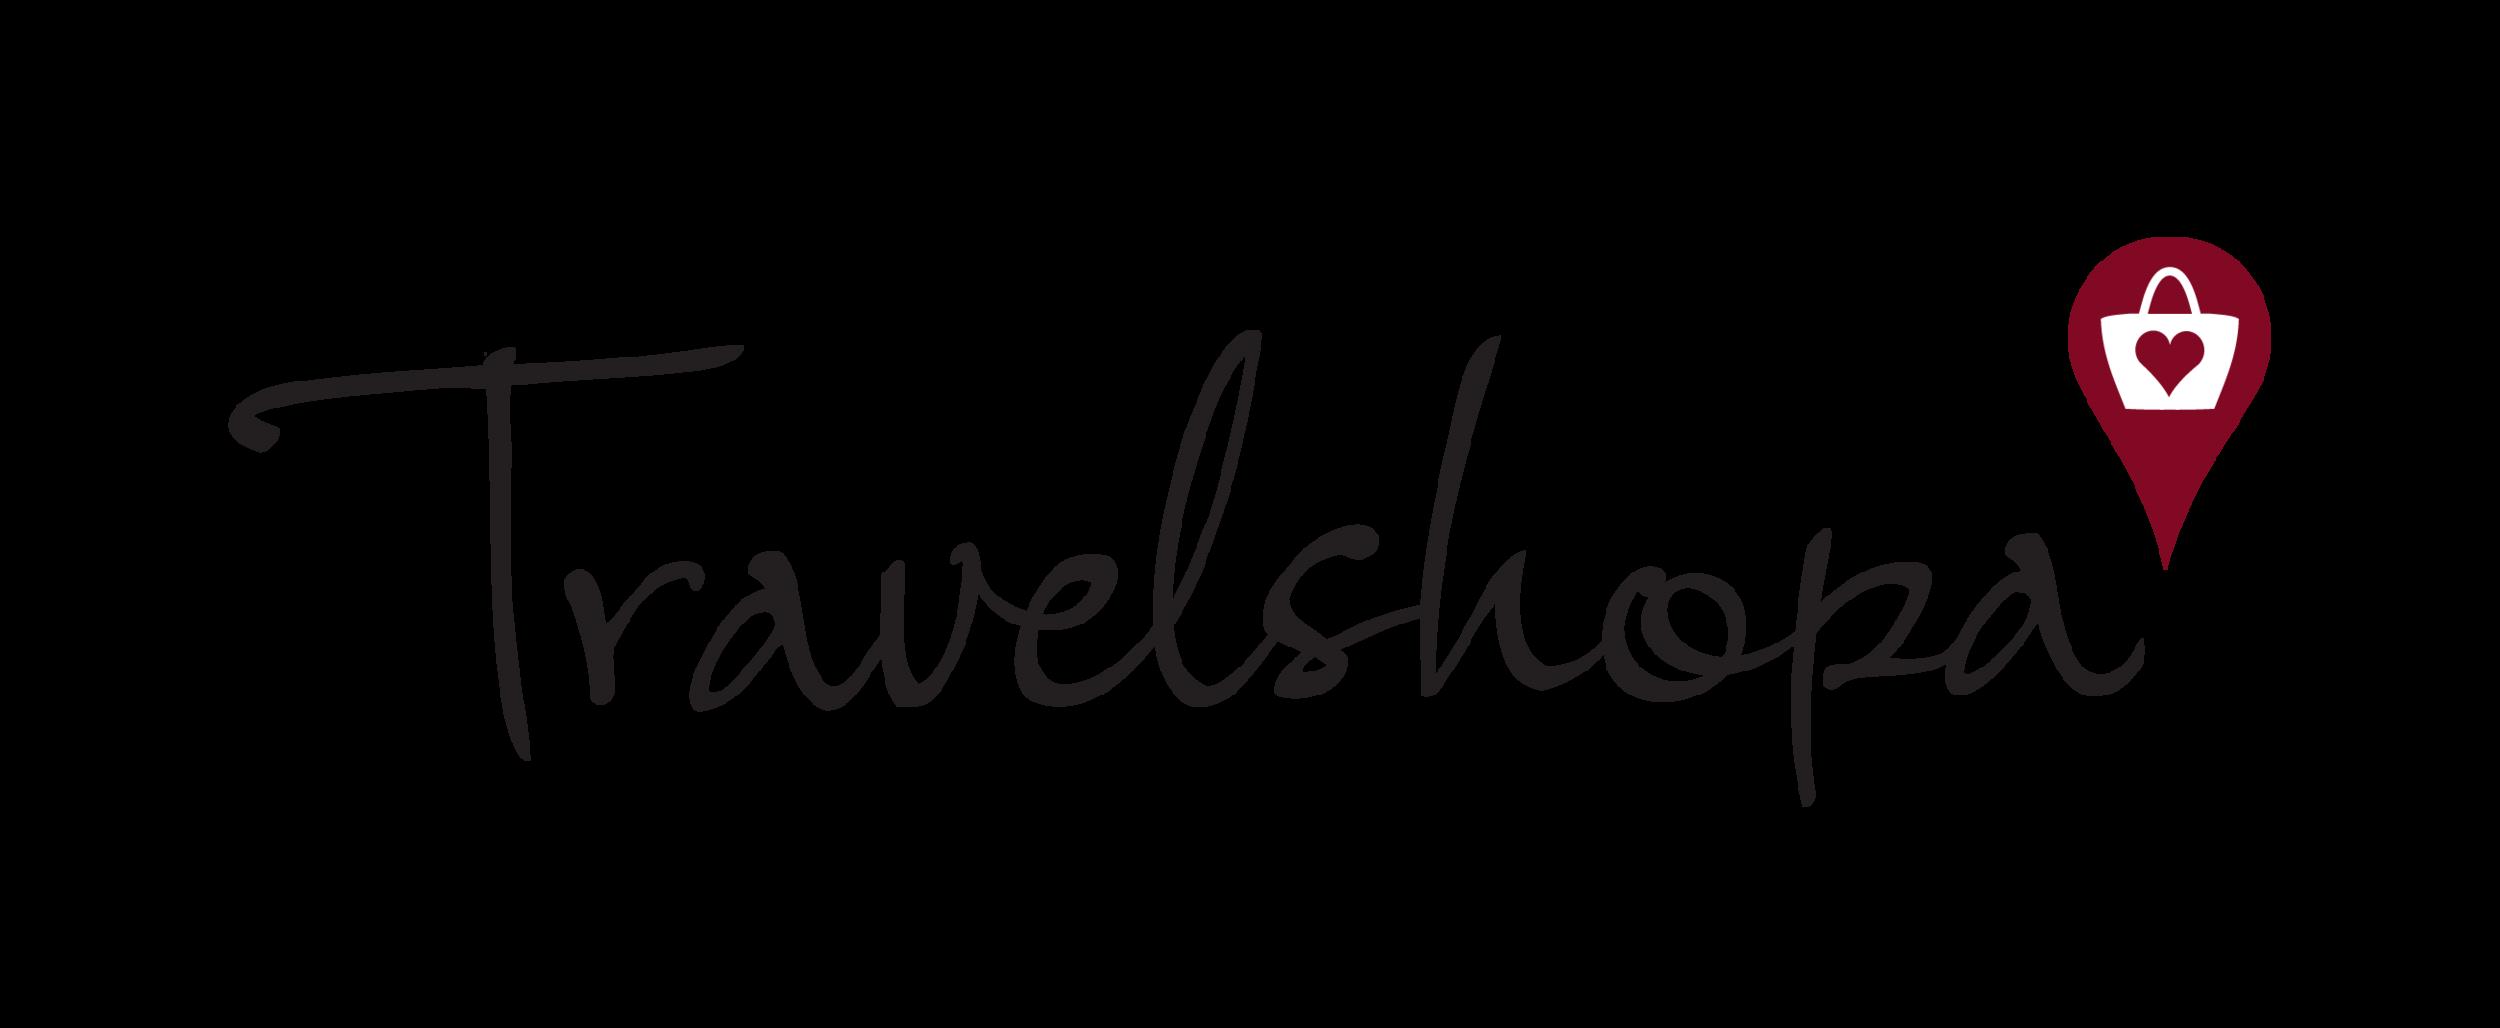 Travelshopa_Logo_NoText.png